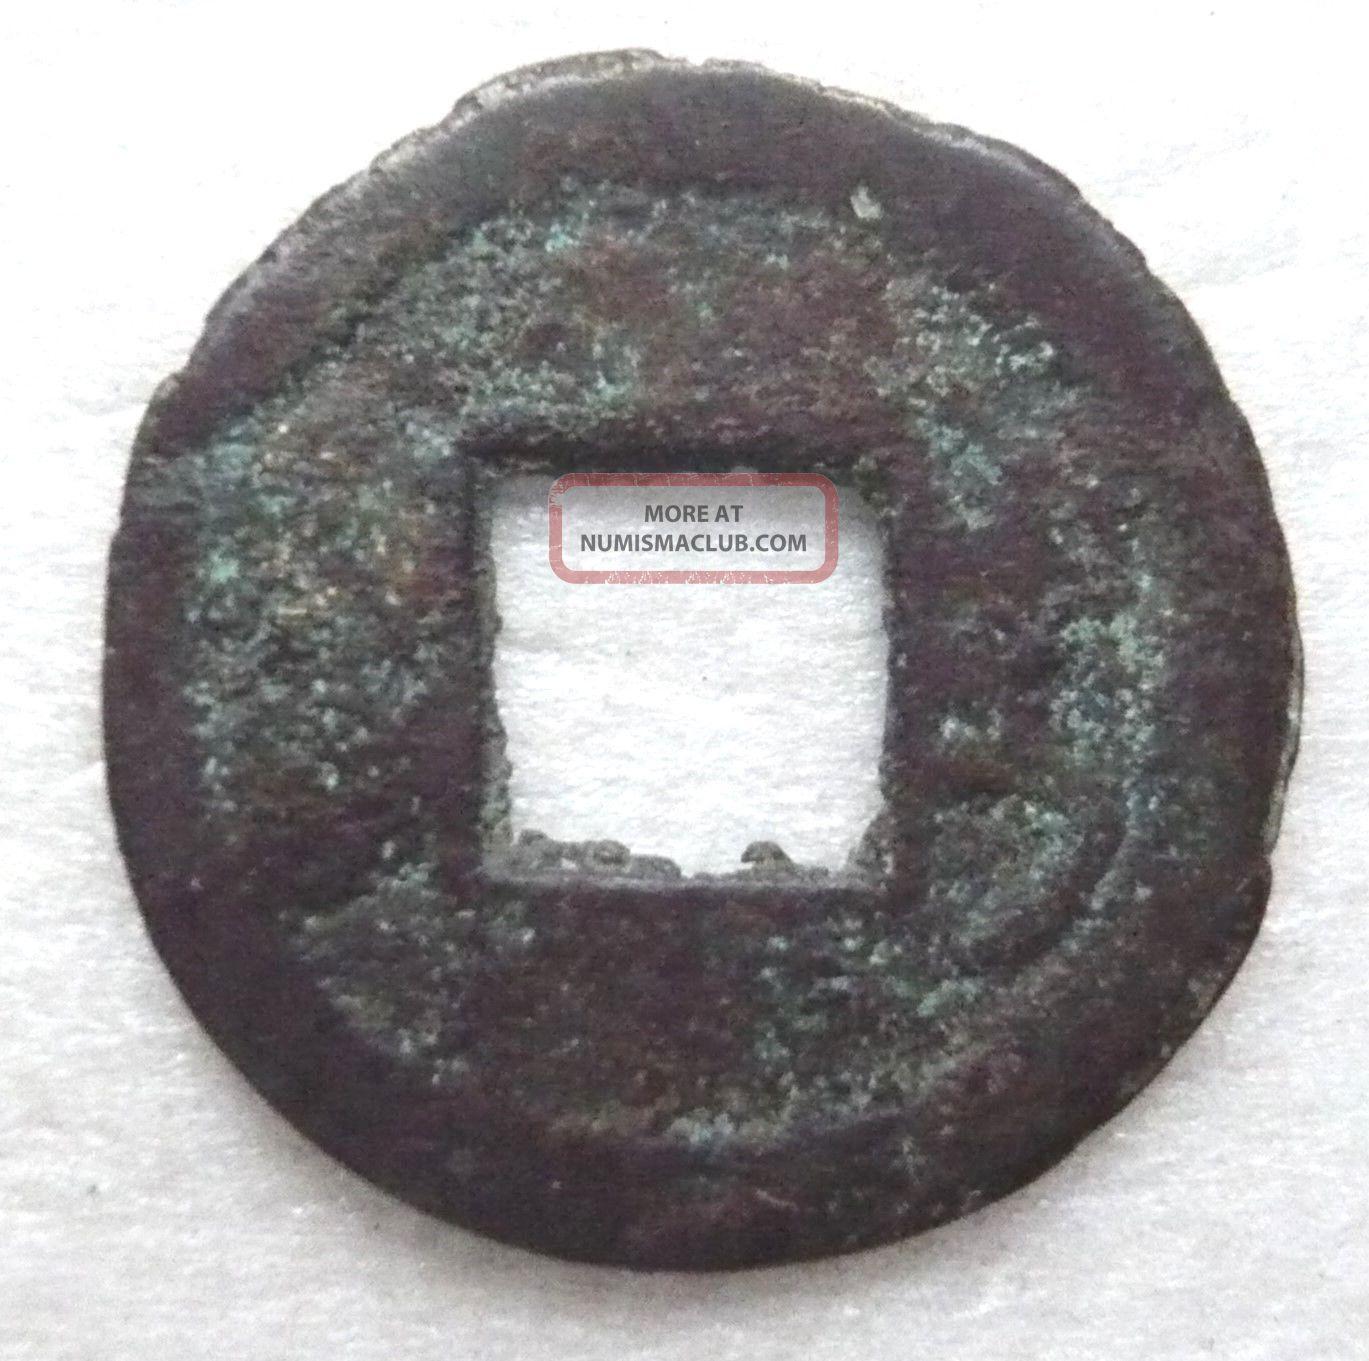 China,  Rare Qing Dynasty Tong Zhi Tong Bao Taiwan,  Vf Coins: Medieval photo